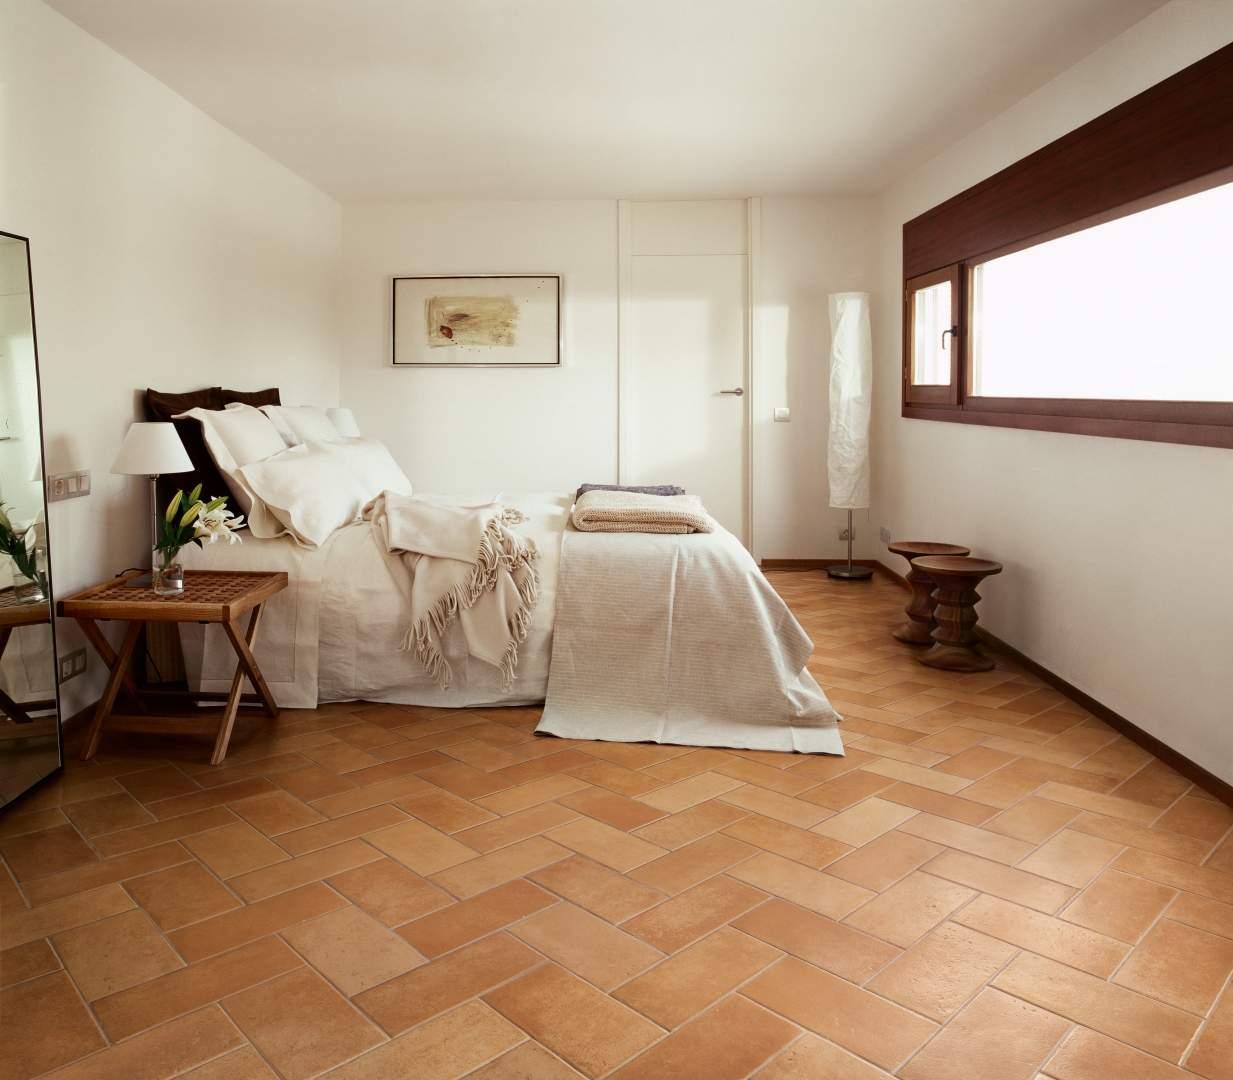 cotto-toscano-camera-letto